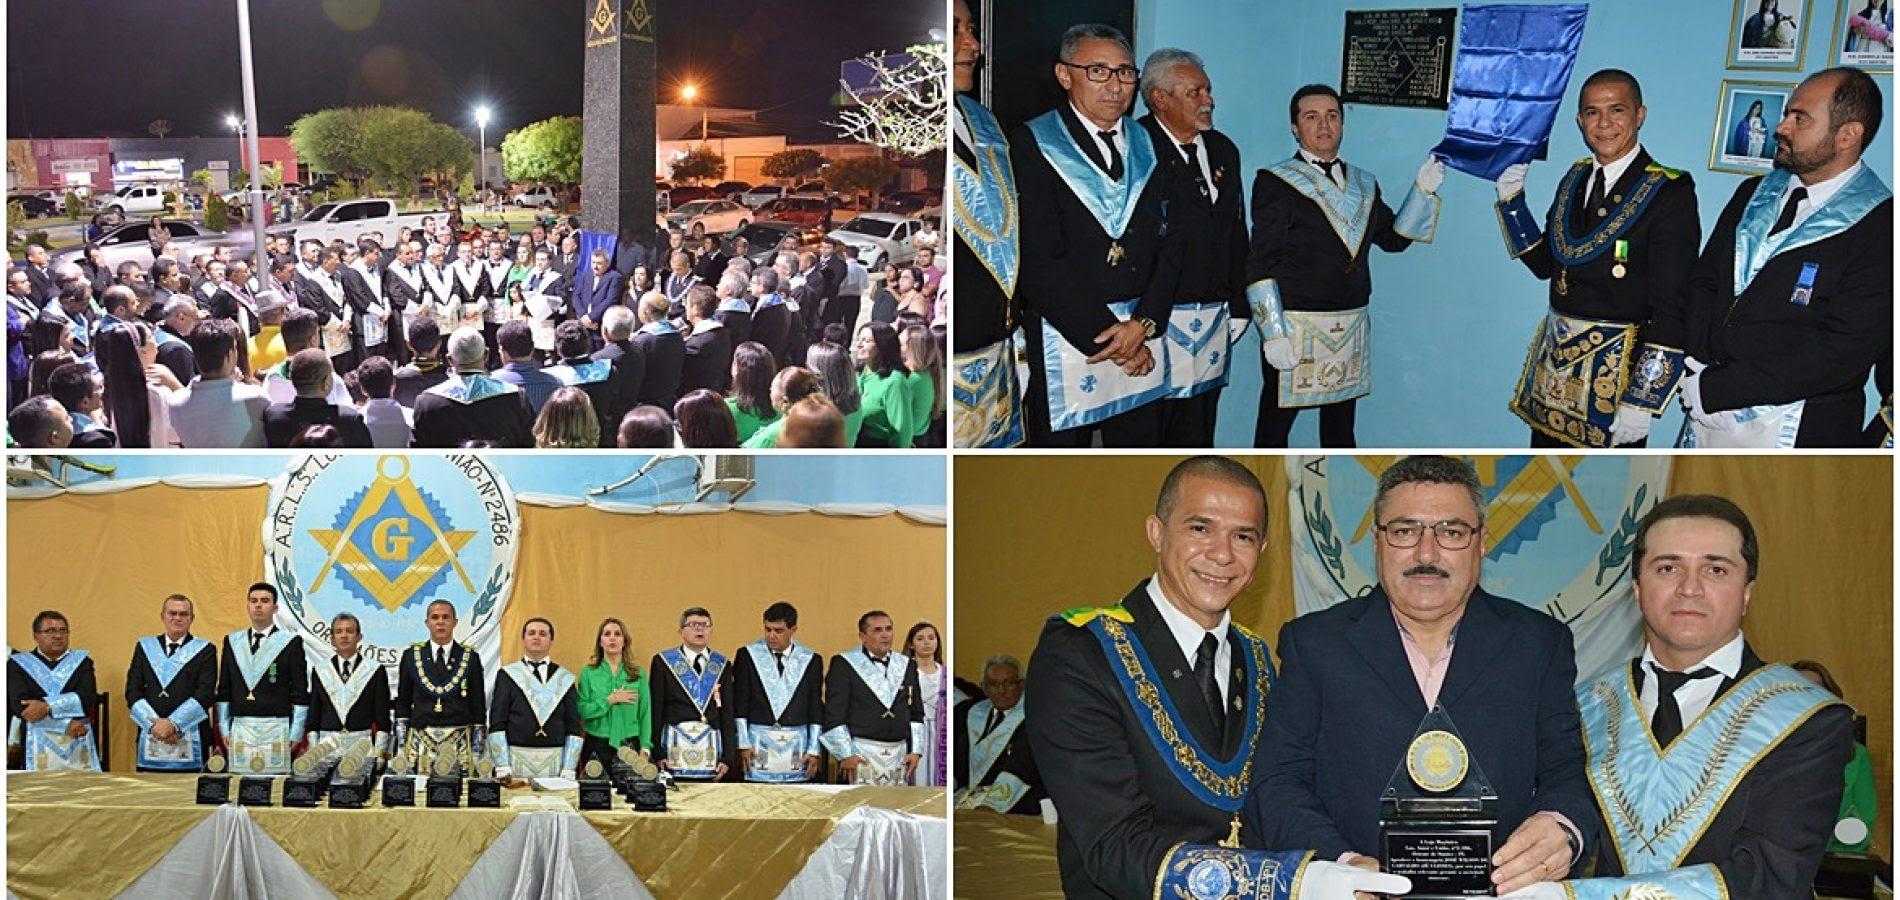 SIMÕES | Loja Maçônica comemora 30 anos com inauguração de obelisco e sessão solene; veja fotos